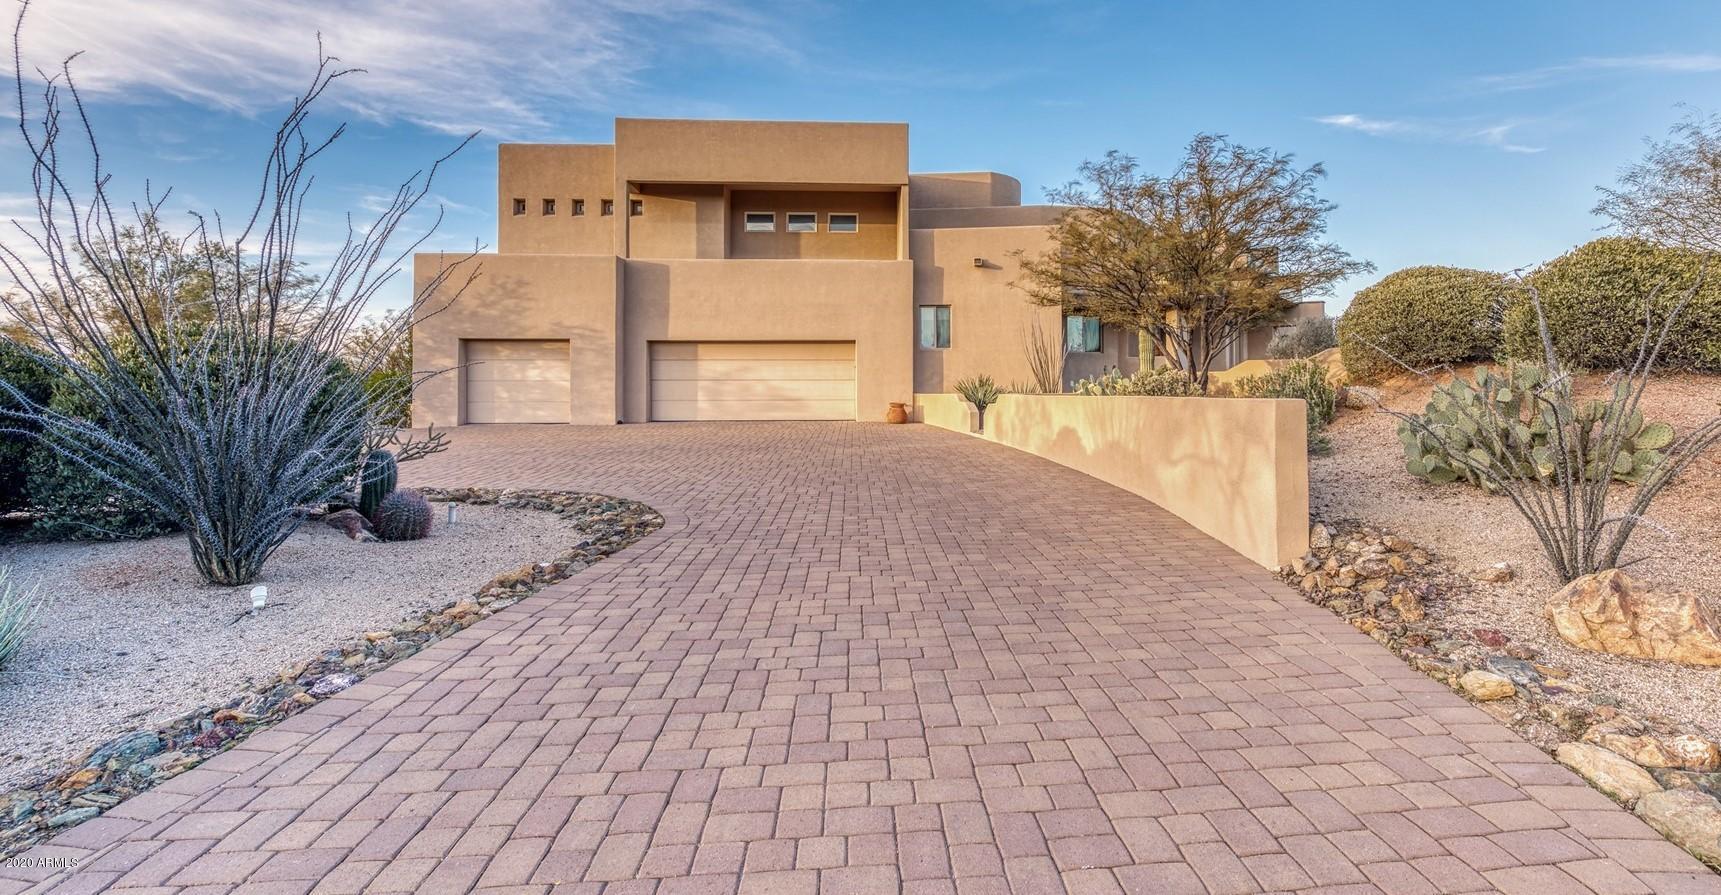 MLS 6031600 26862 N 116TH Way, Scottsdale, AZ 85262 Scottsdale AZ Desert Summit